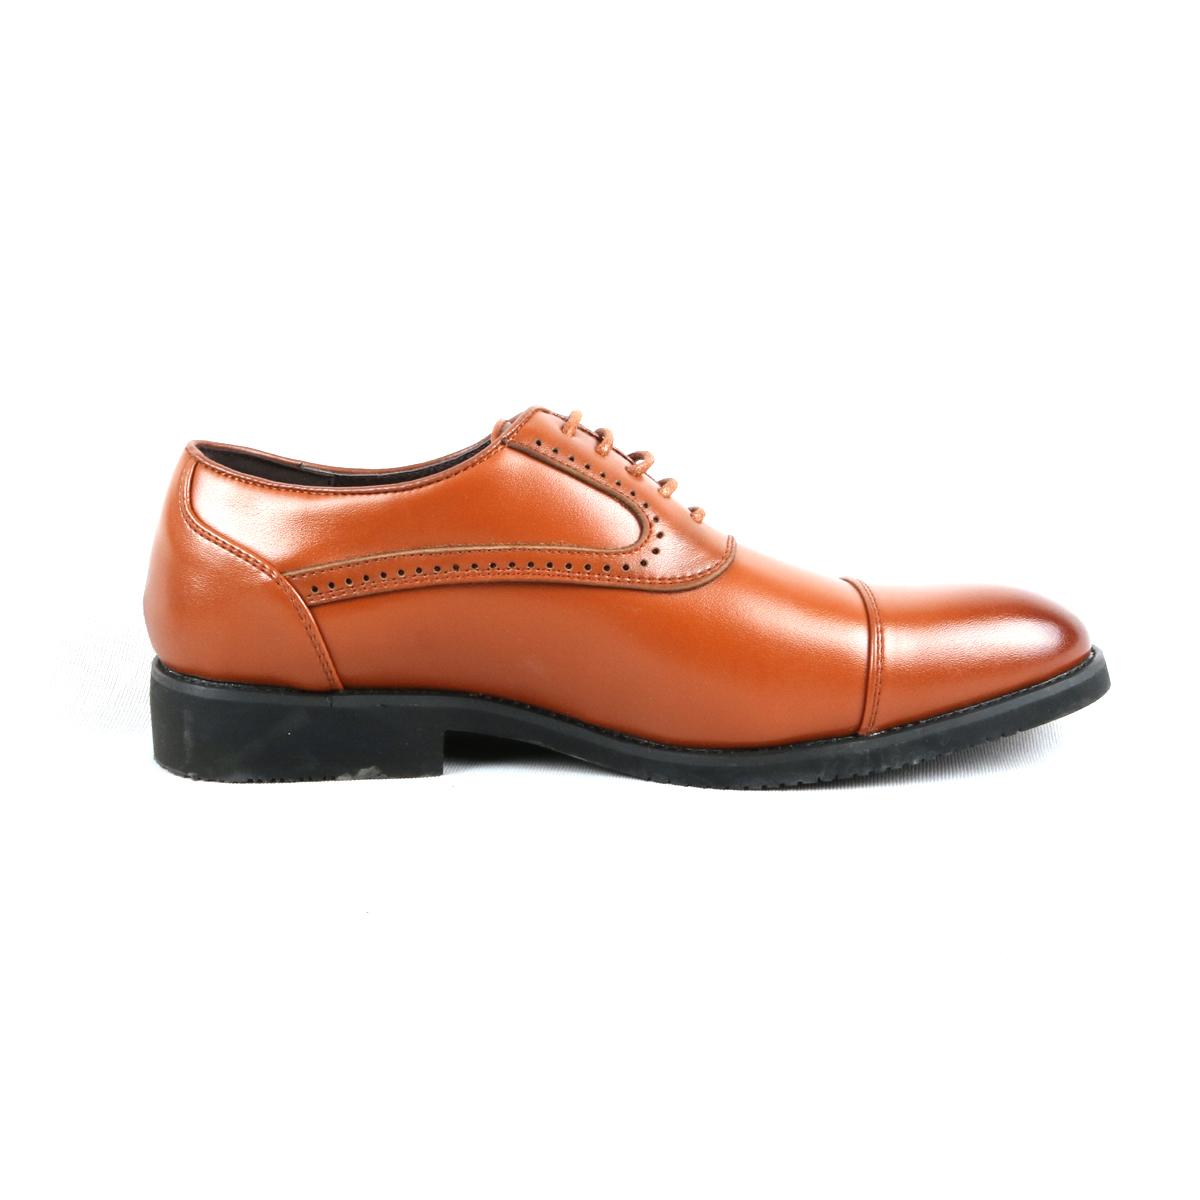 Formal Shoes For Men Brown Color